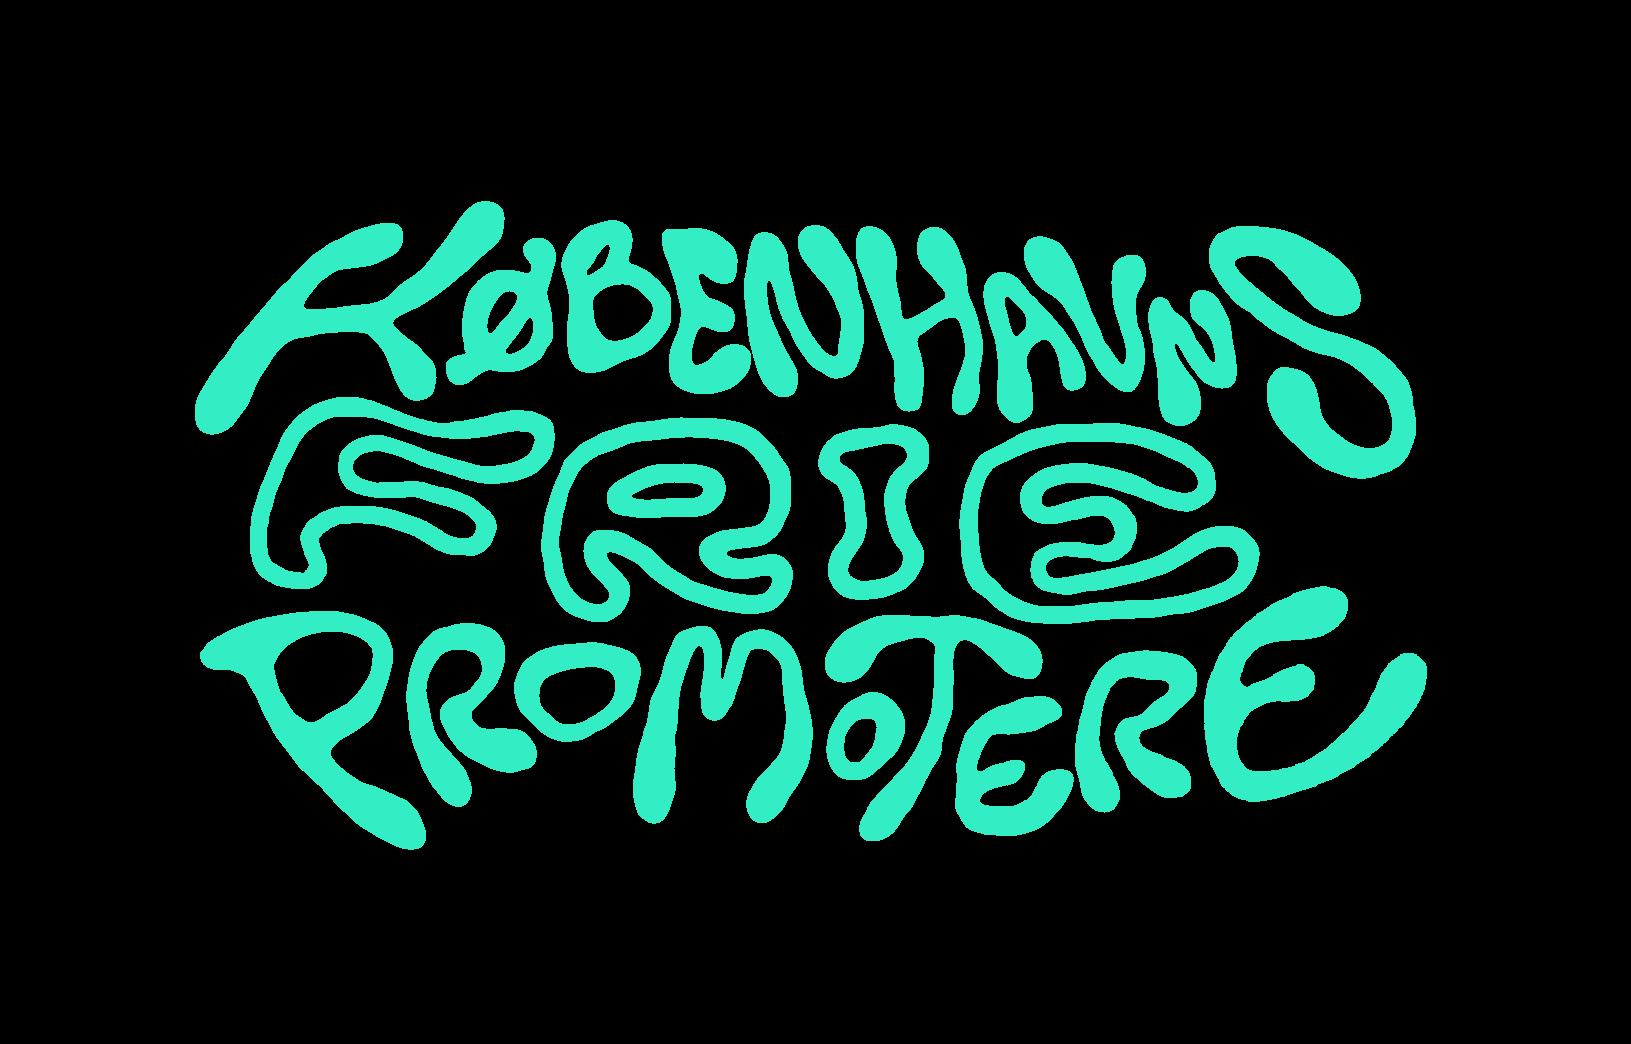 Københavns Frie Promotere